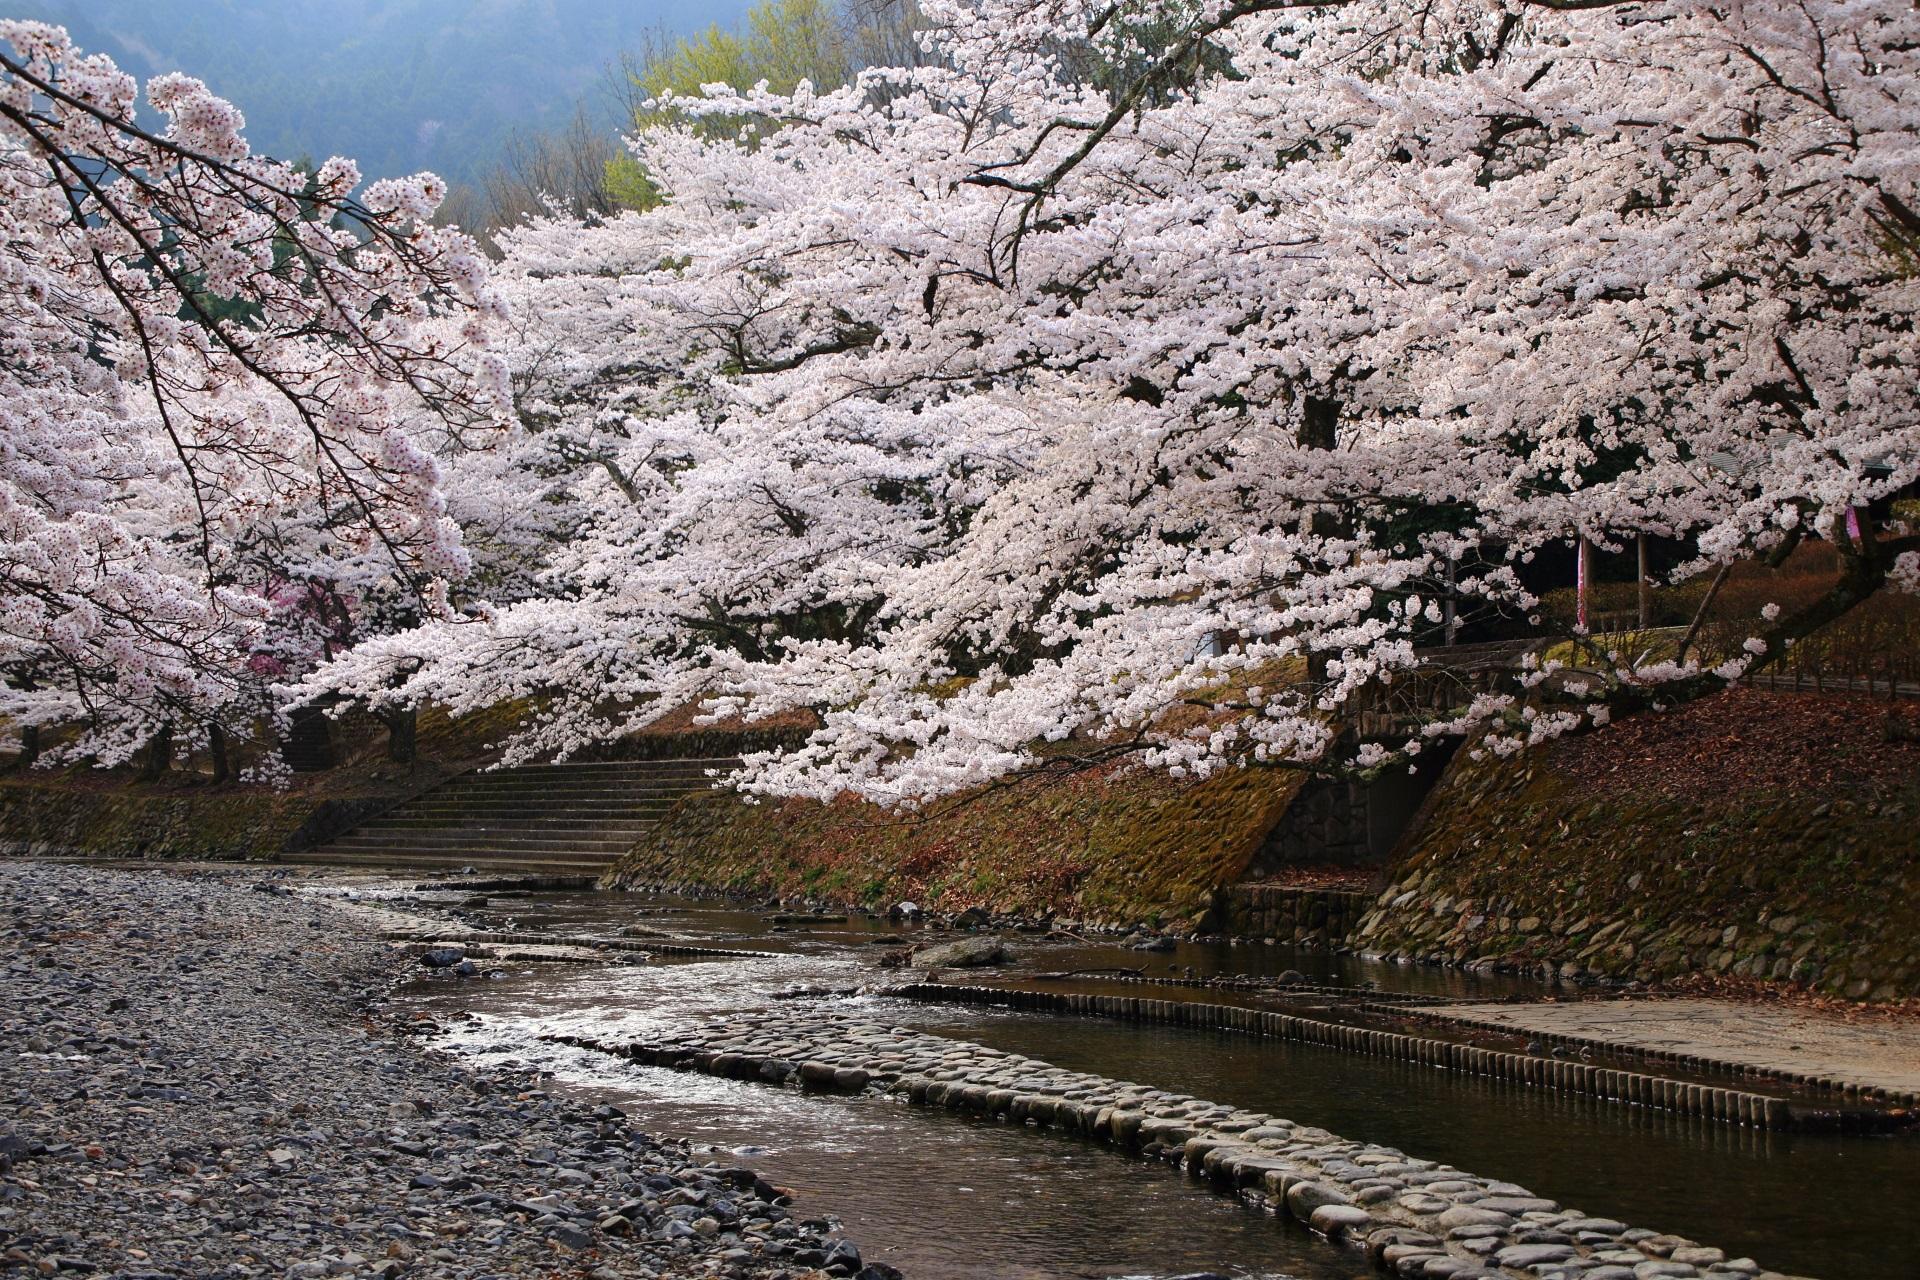 七谷川の圧倒的な桜